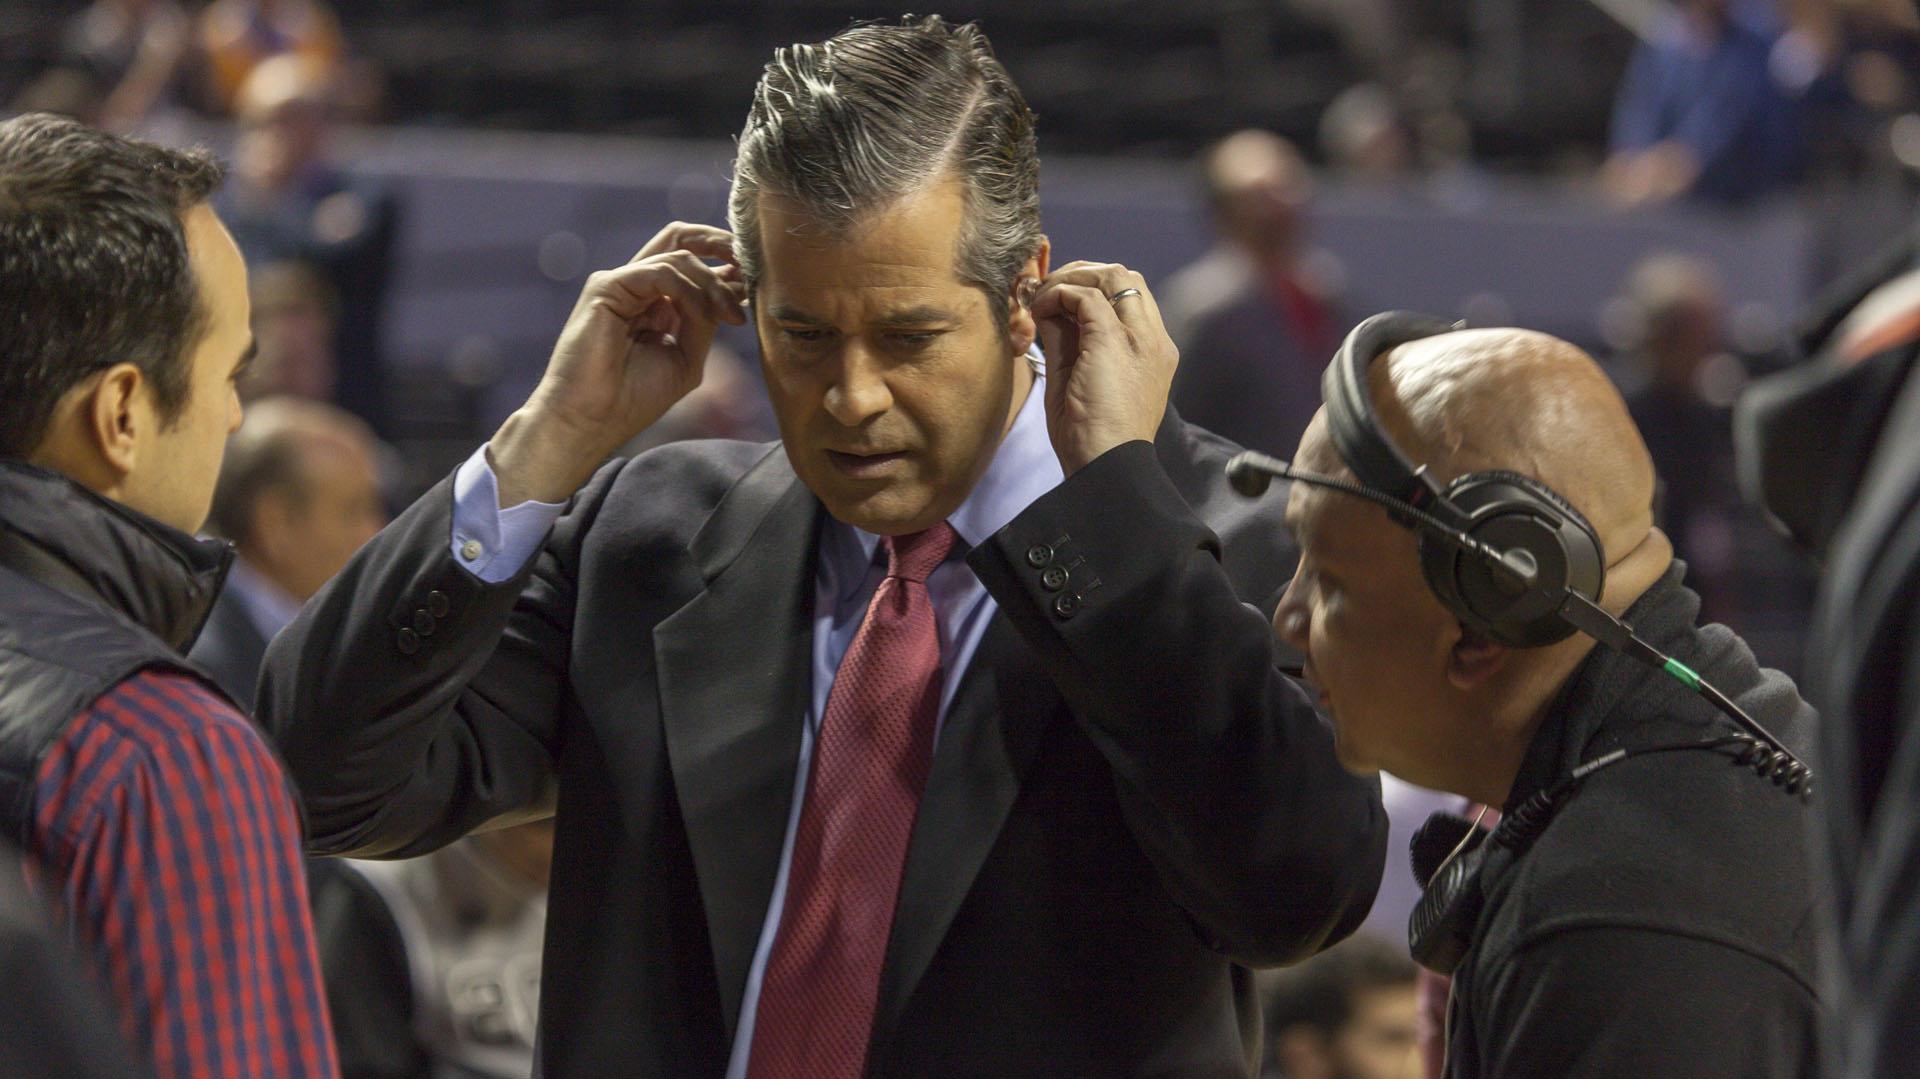 El relator puertorriqueño Álvaro Martín trabaja para la cadena ESPN desde 1991